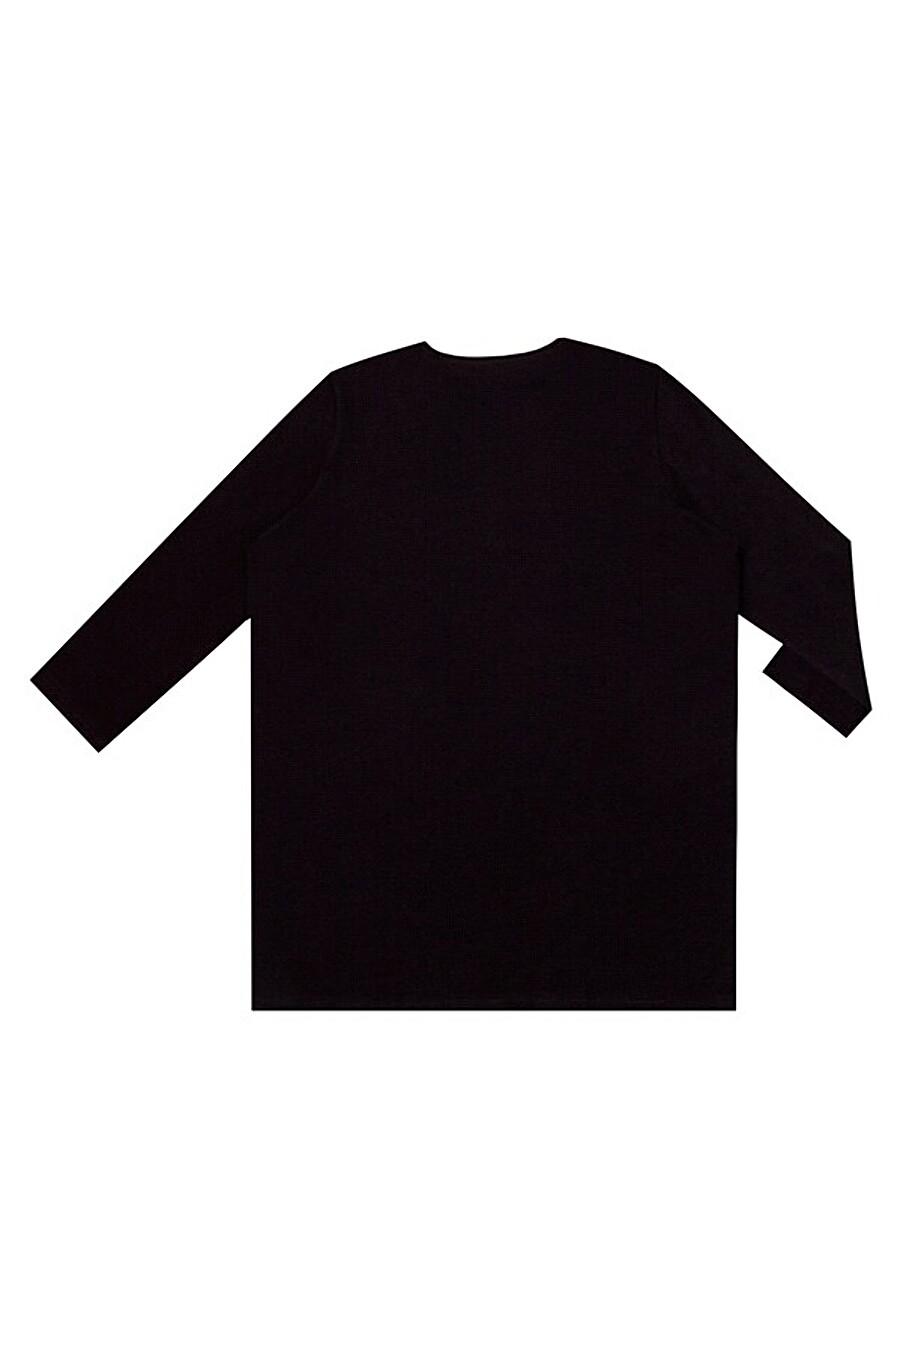 Джемпер для женщин Archi 158298 купить оптом от производителя. Совместная покупка женской одежды в OptMoyo